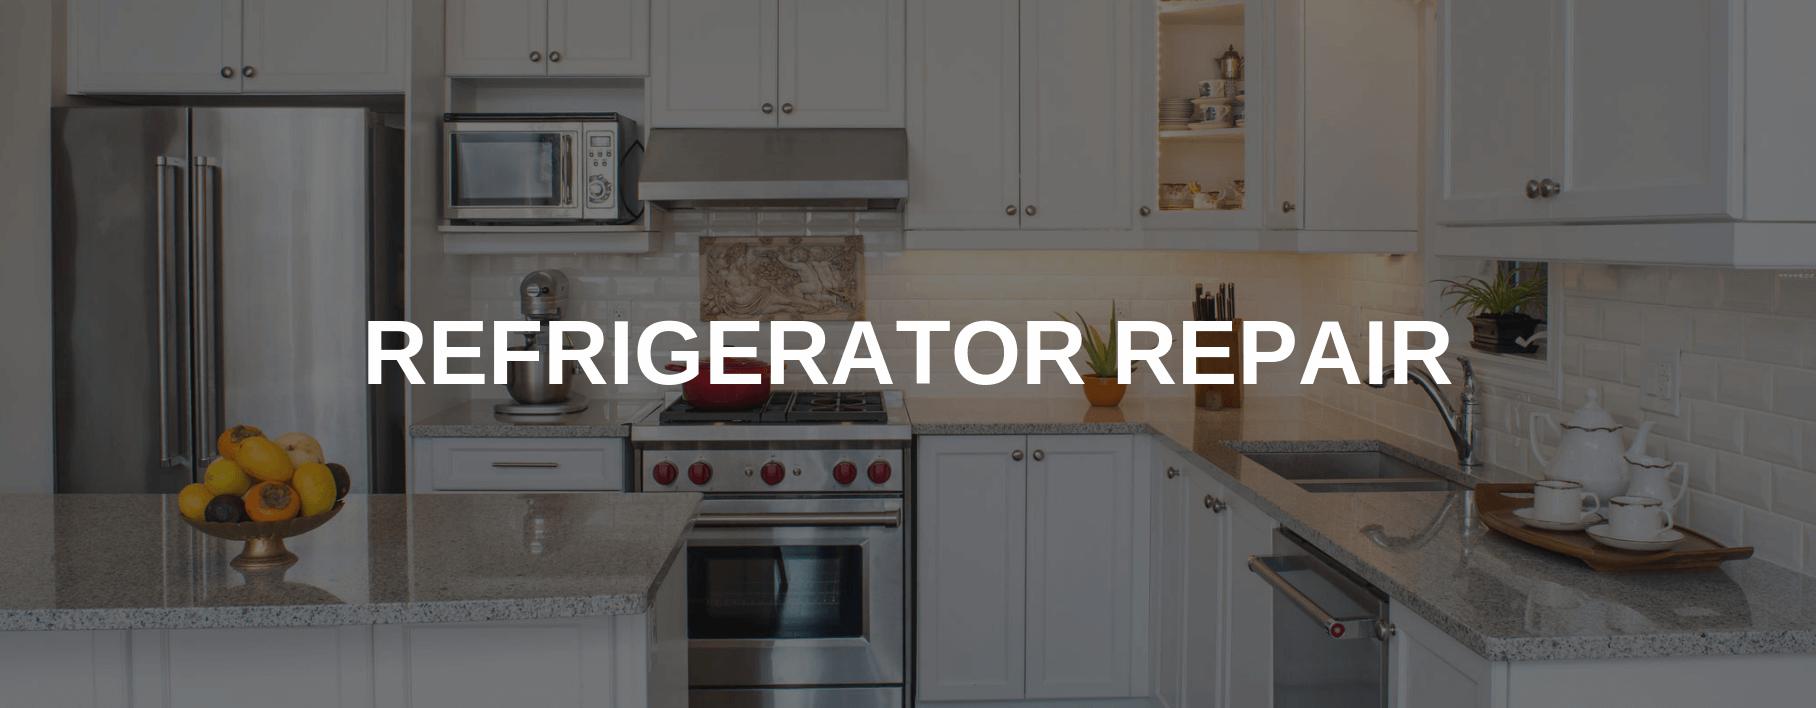 refrigerator repair moore